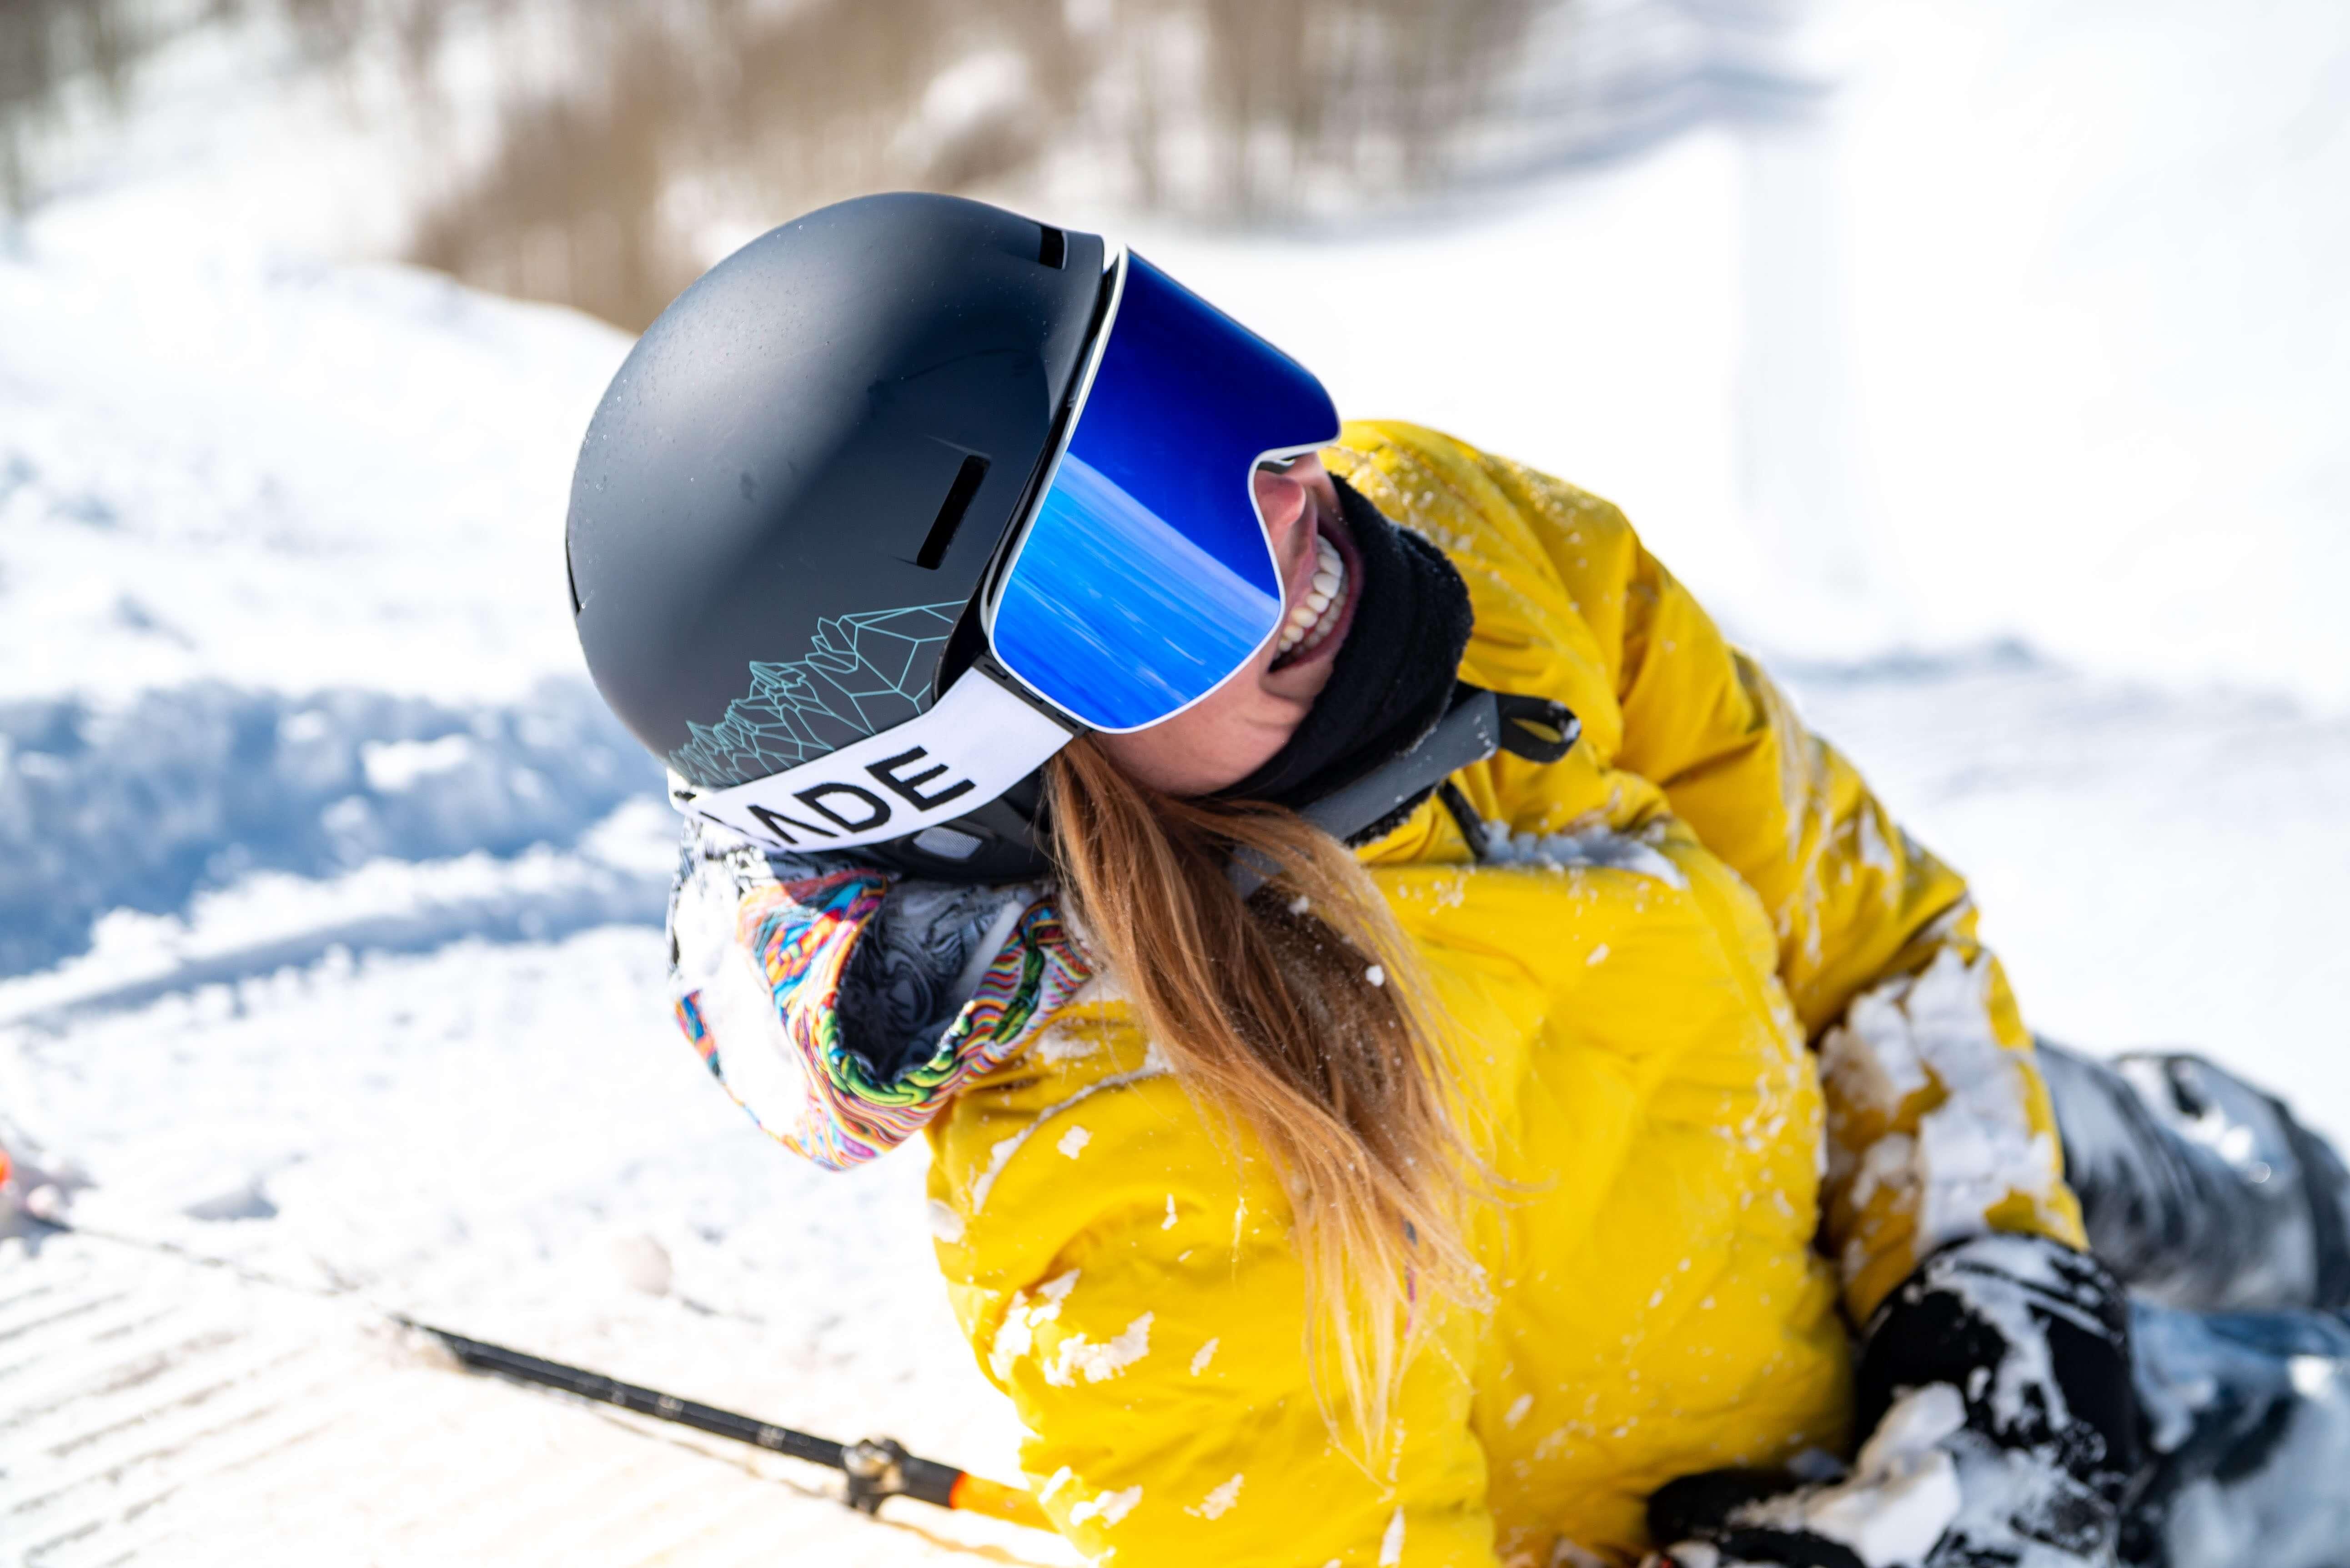 Химическо почистване на ски екипировка - сигурно, бързо, безопасно